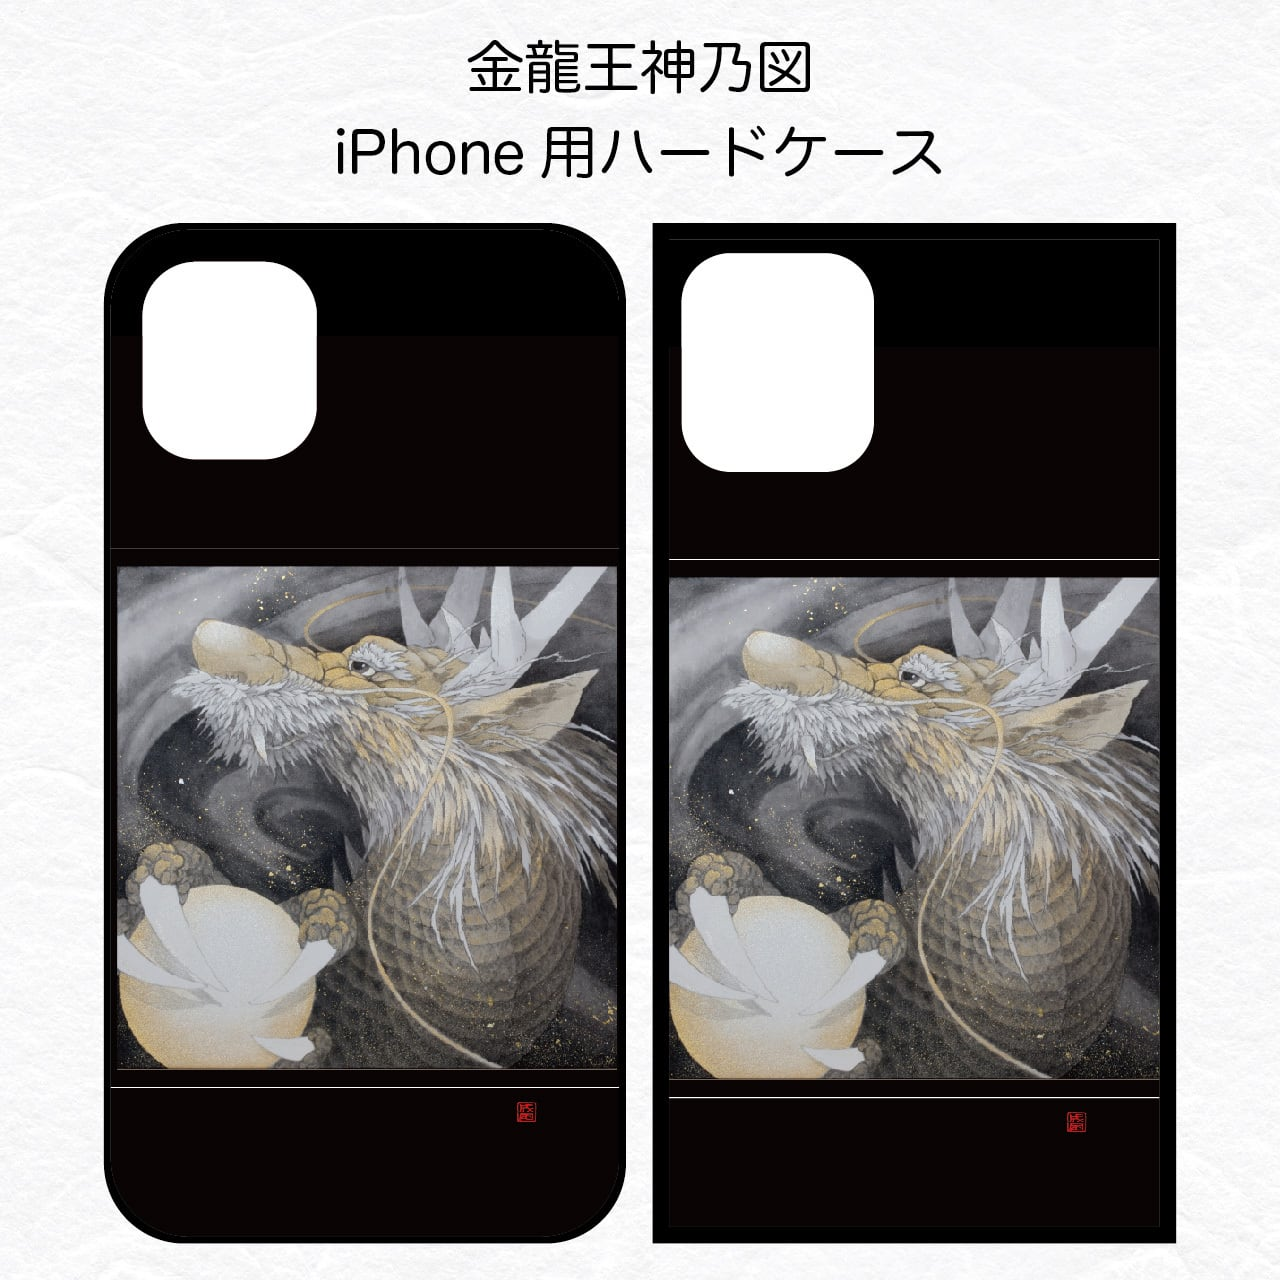 金龍王神乃図【iPhone用 ハードケース(強化ガラス製)】